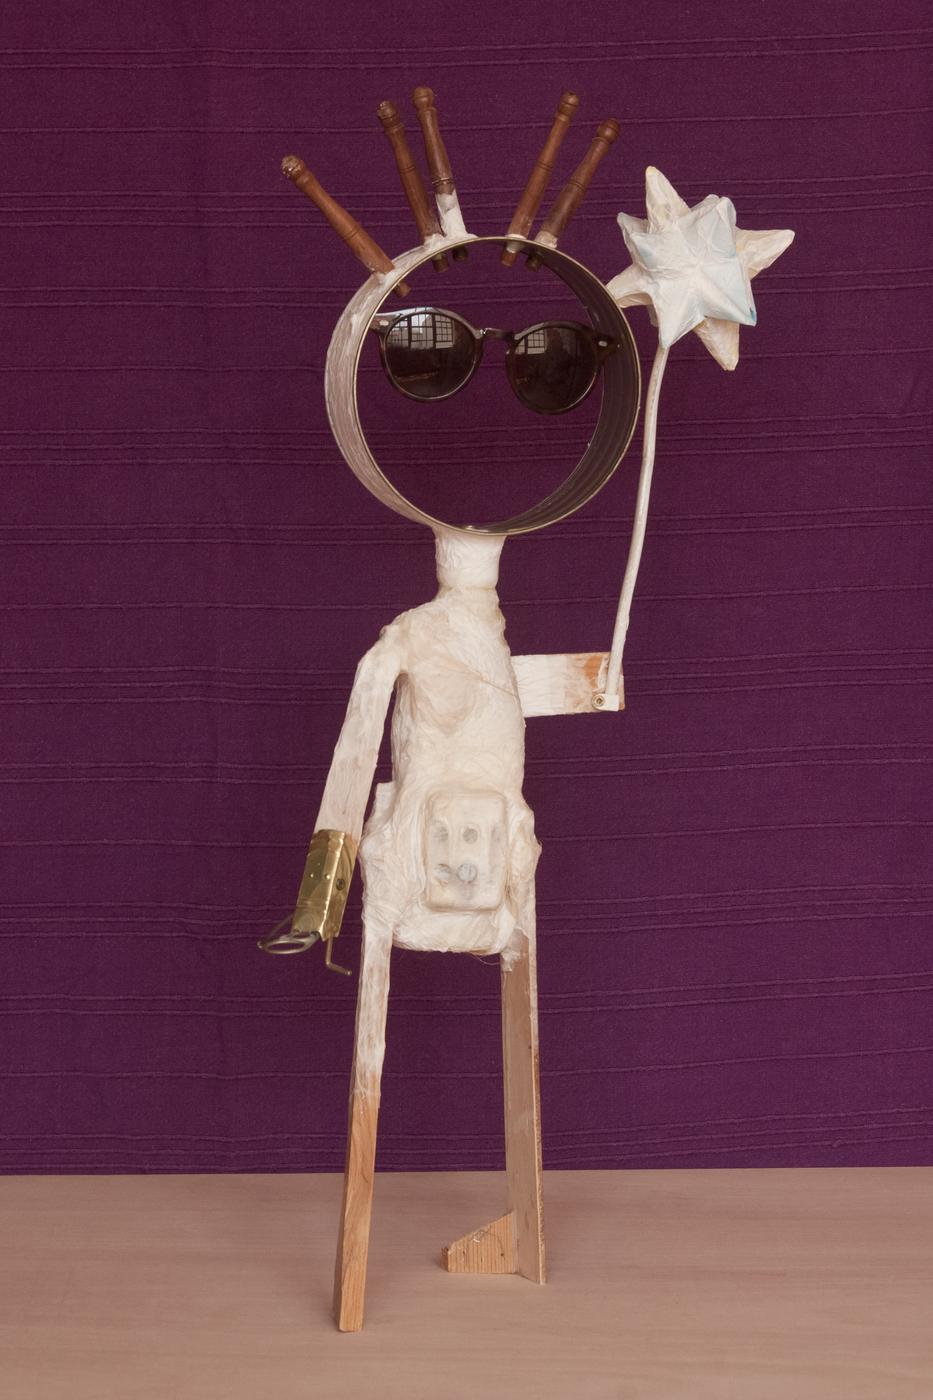 Ladislau da Regueira | Espaciand'o Tempo | Doce lembrança: Domingo que vai Sol (2004)